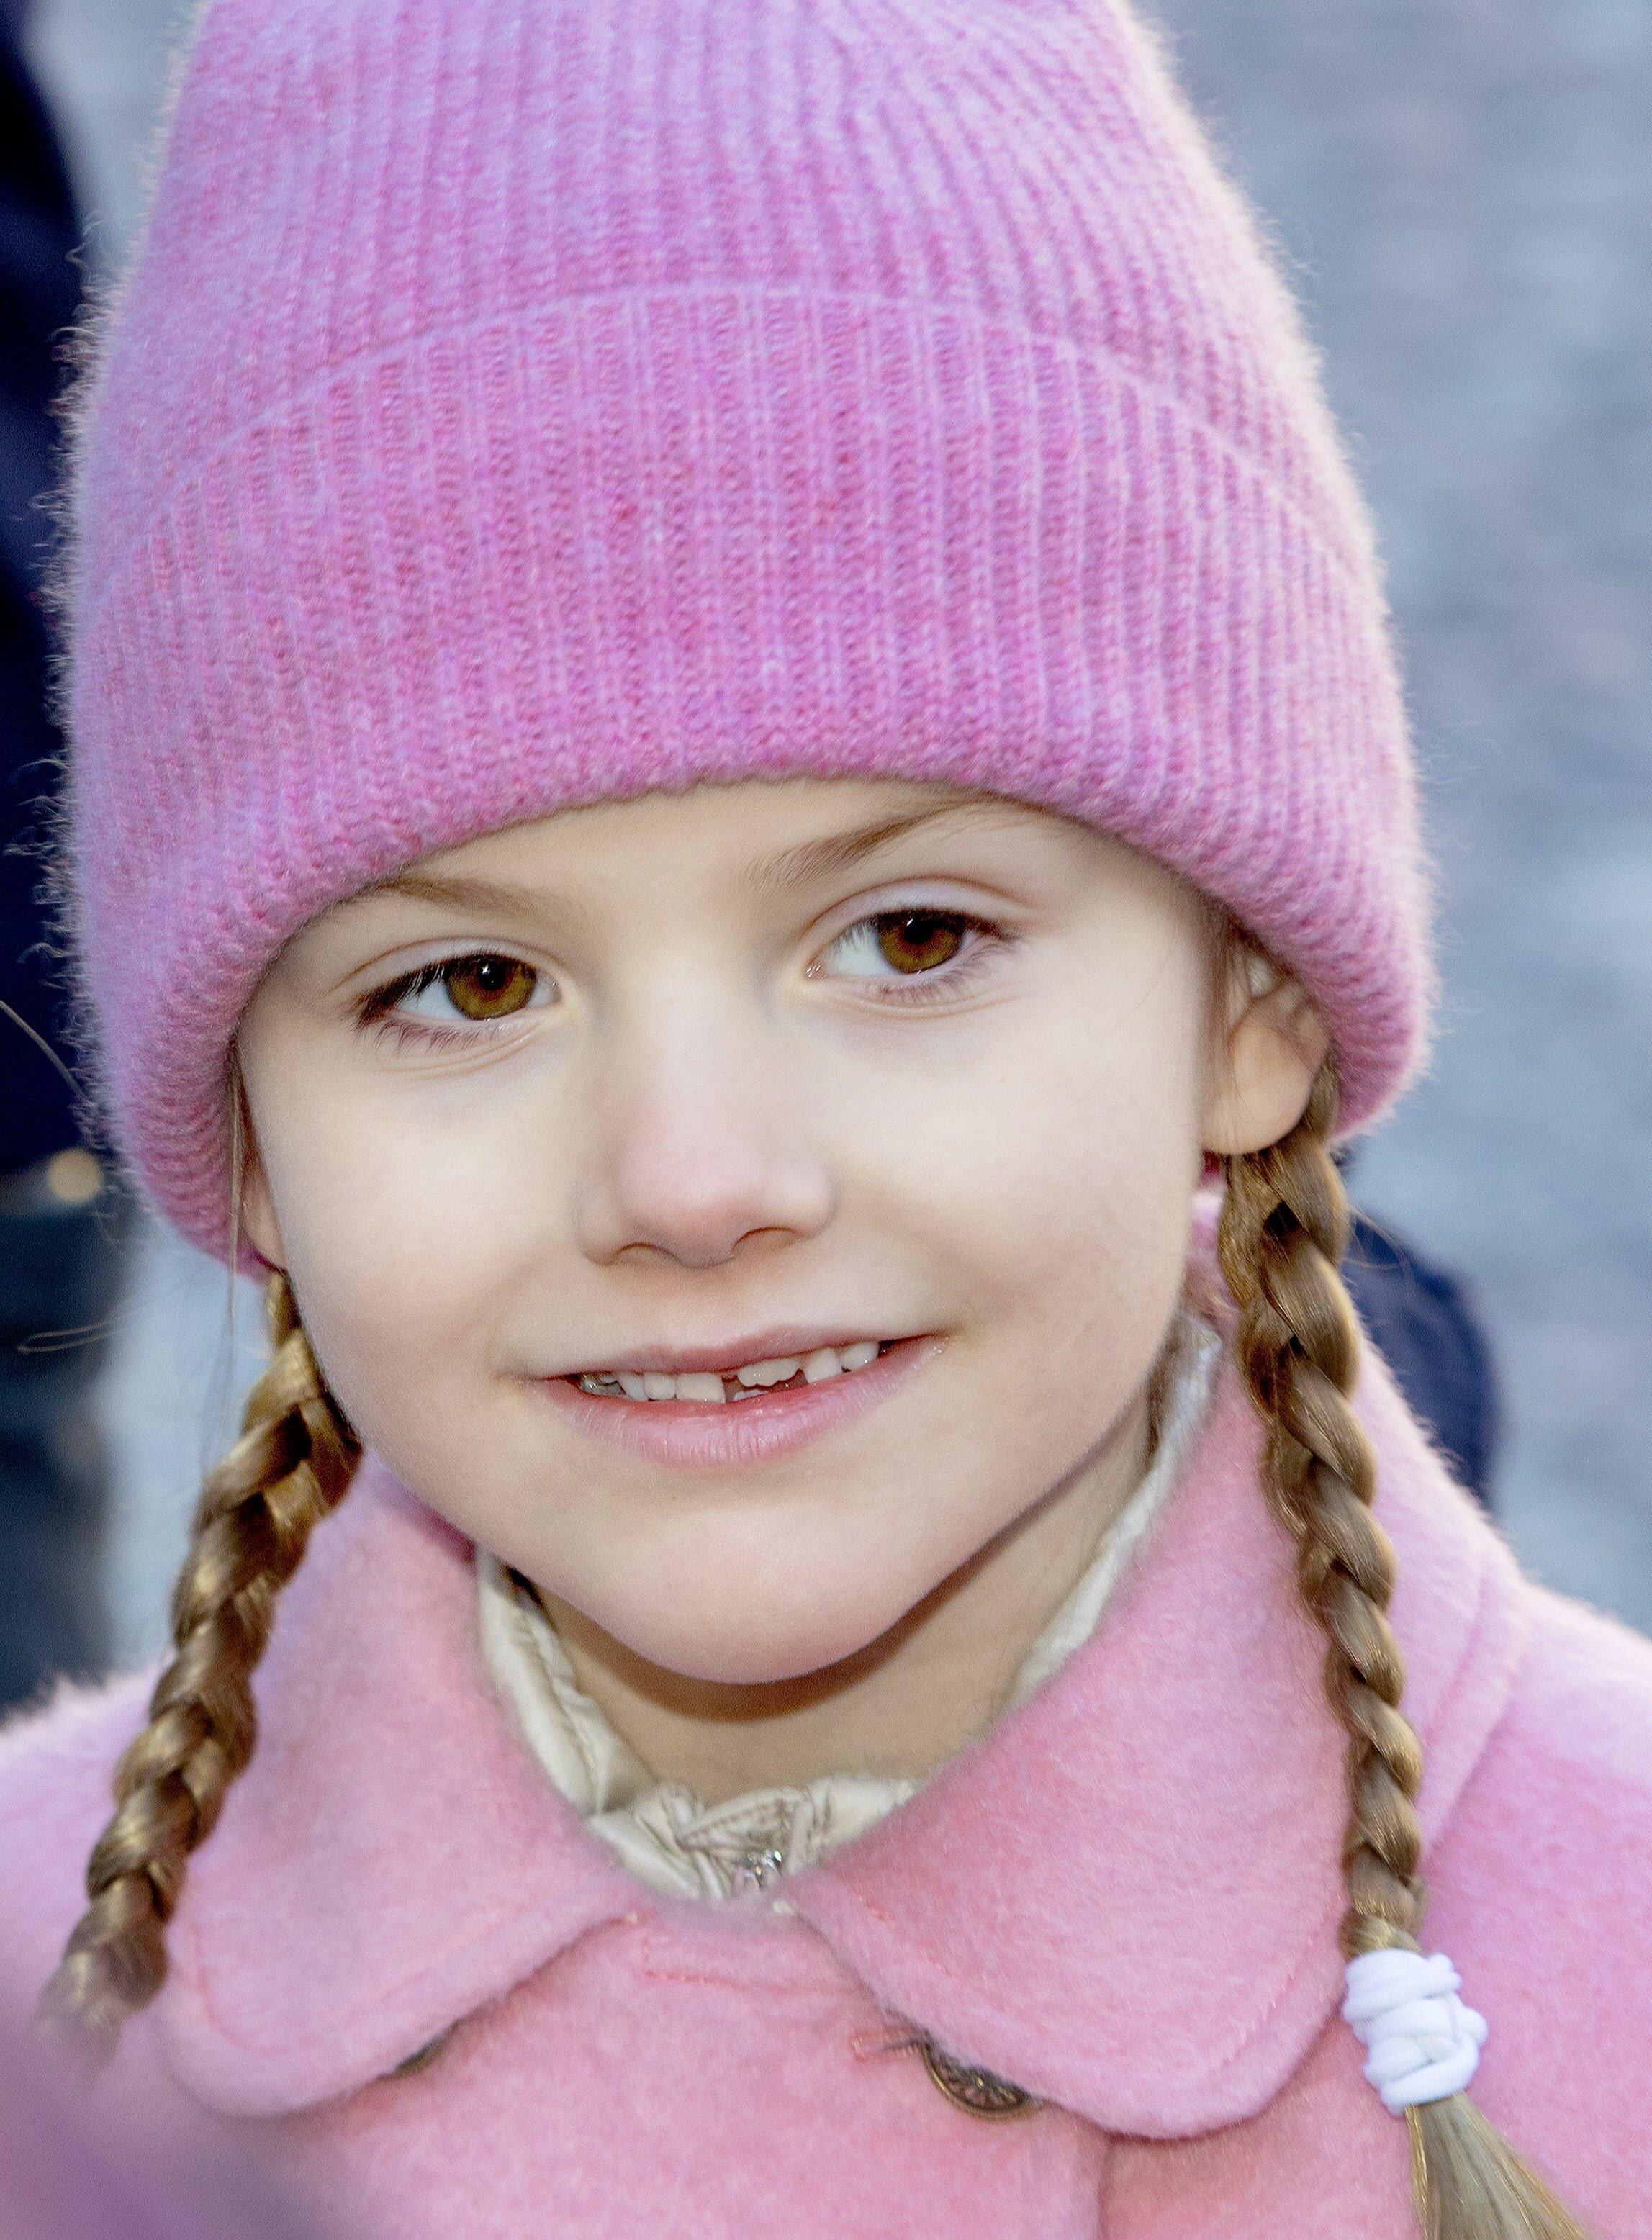 """Prinzessin Estelle stürzte beim Skifahren und trägt seitdem einen Gips. Trotzdem nimmt sie an der """"Upp och hoppa 2020""""-Kampagne teil.  © picture alliance/RoyalPress Europe"""